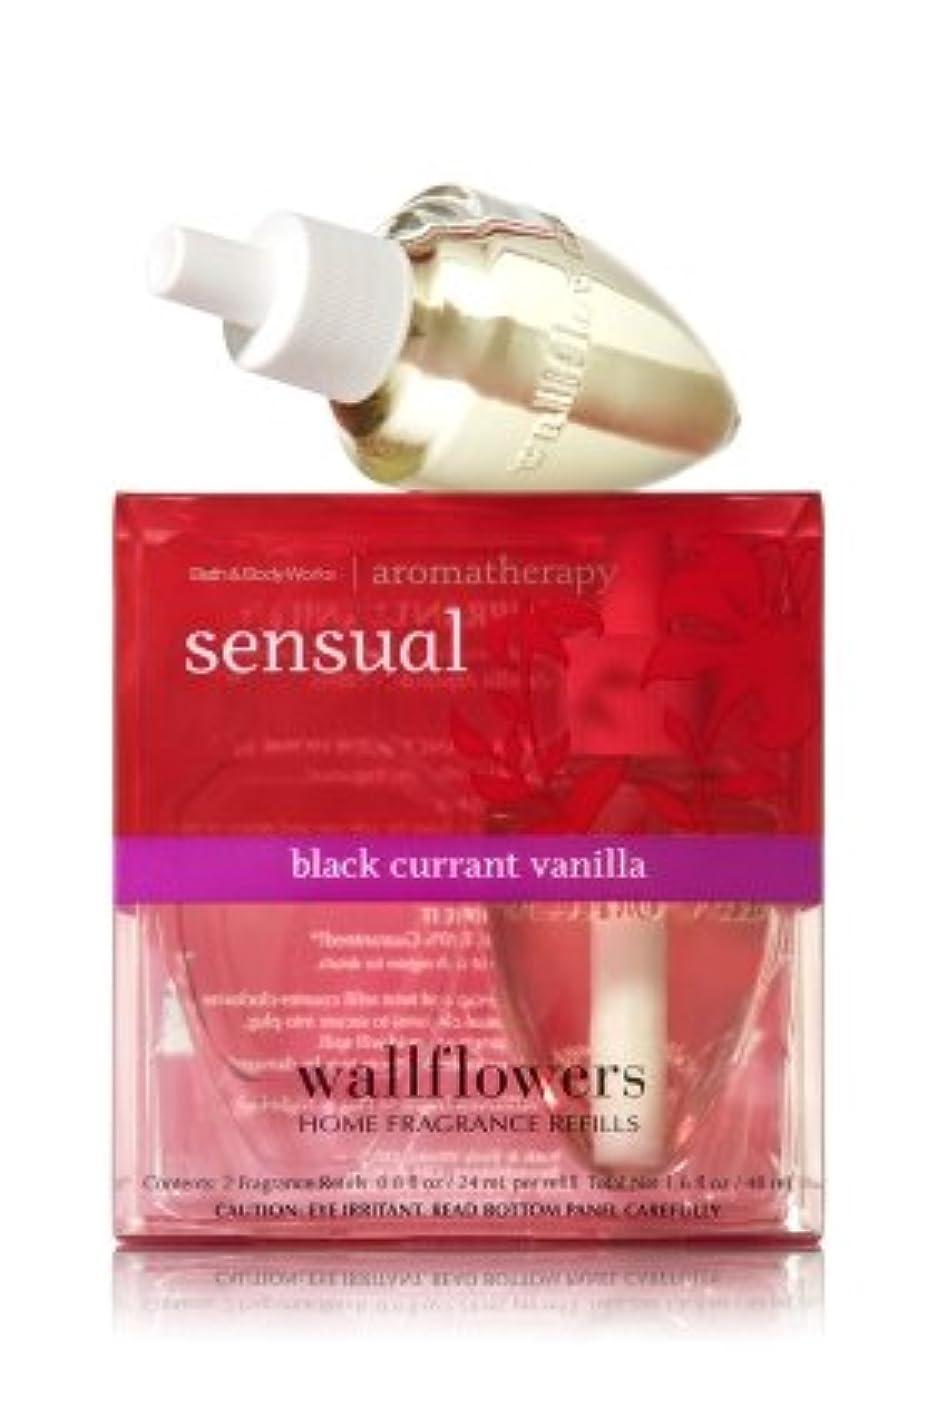 運命着替える相手【Bath&Body Works/バス&ボディワークス】 ルームフレグランス 詰替えリフィル(2個入り) センシュアル ブラックカラントバニラ Wallflowers Home Fragrance 2-Pack Refills Sensual Black Currant Vanilla [並行輸入品]